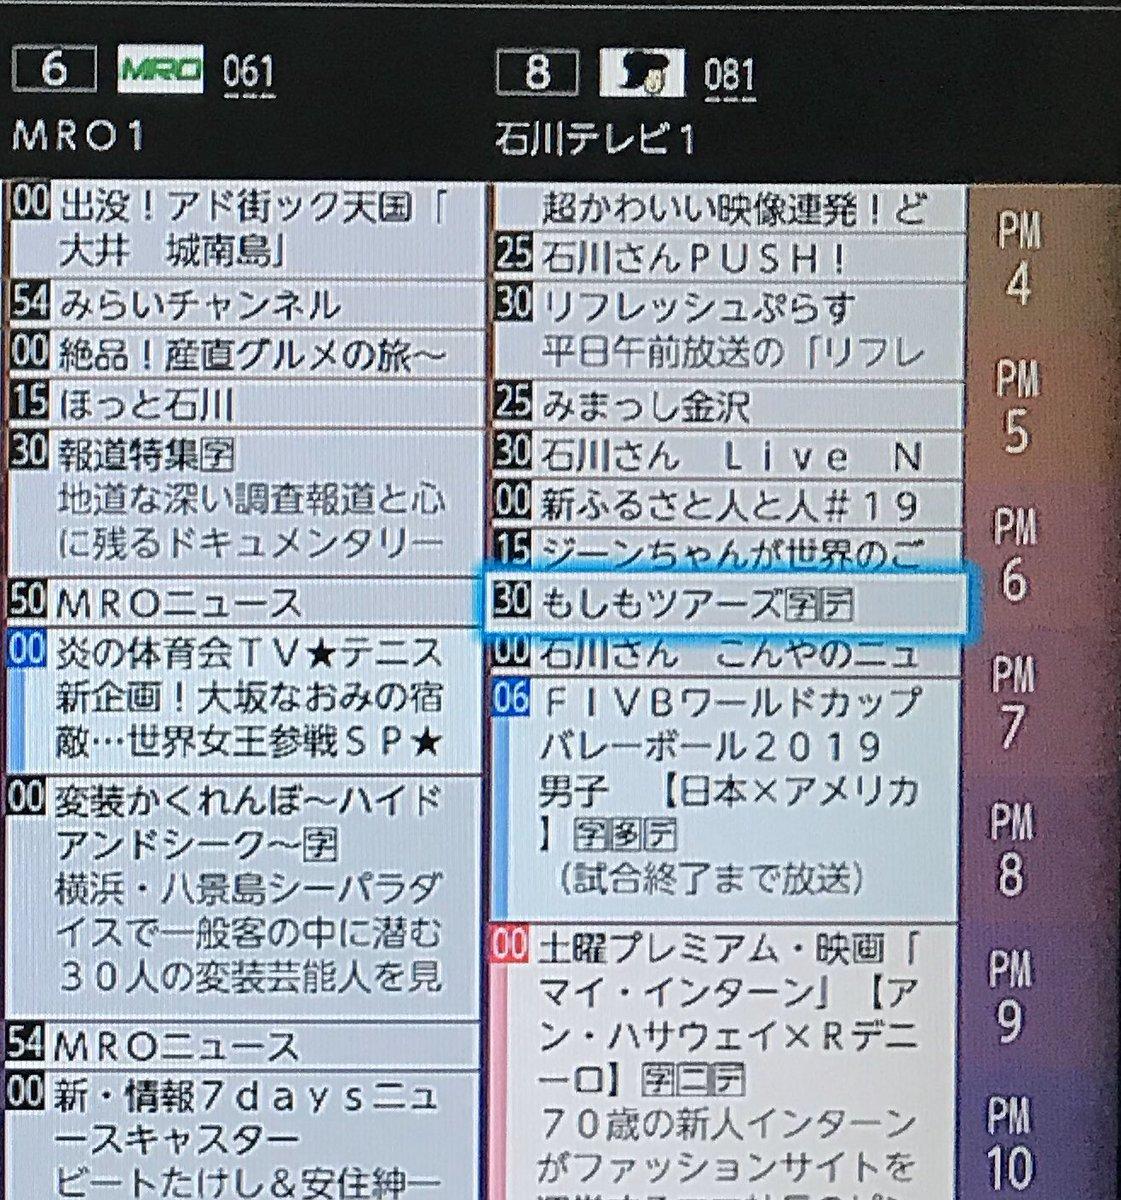 石川 番組 表